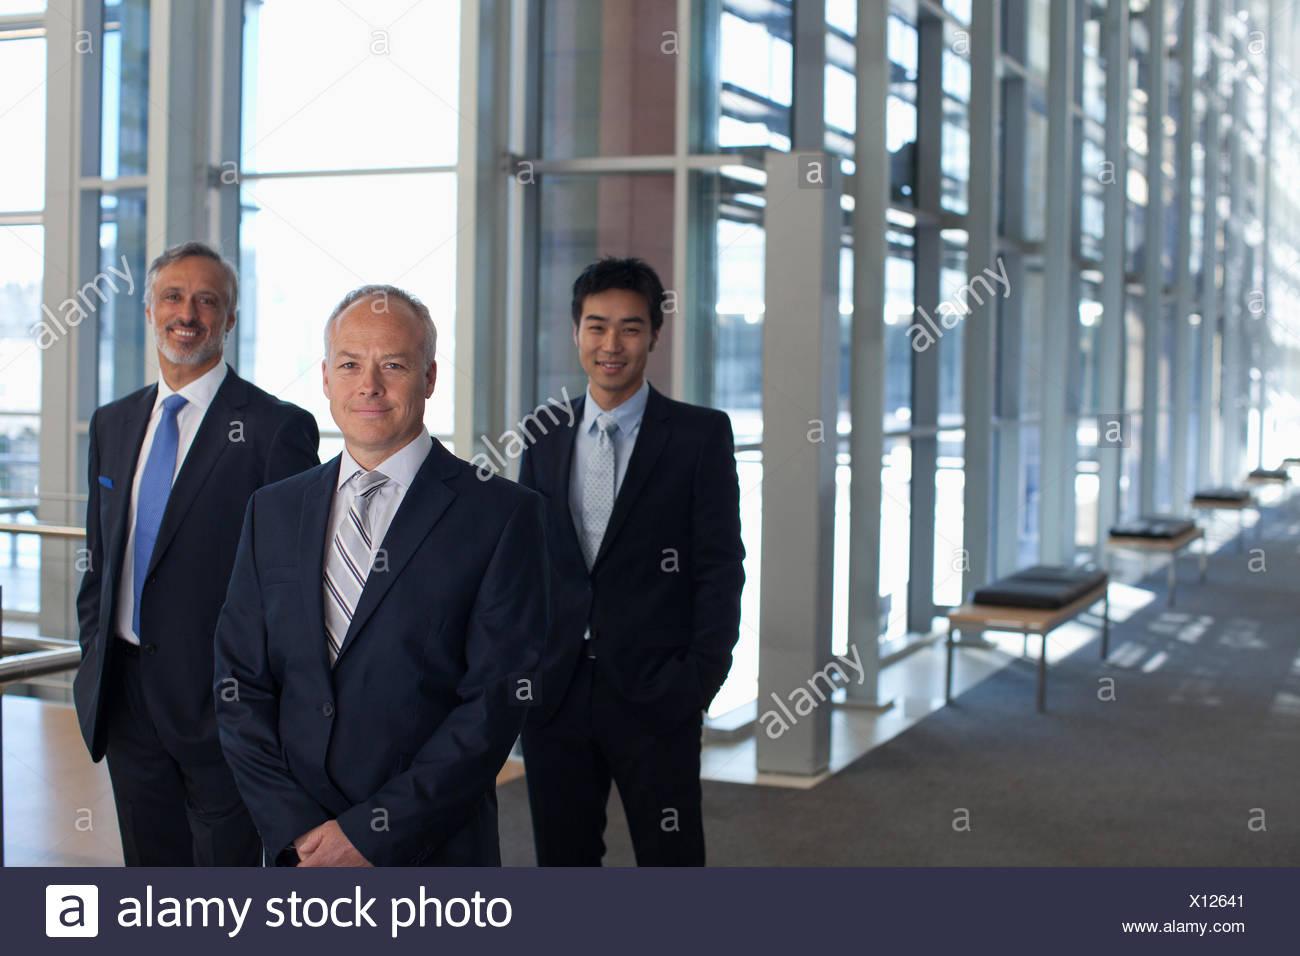 La gente de negocios en el vestíbulo de la oficina Imagen De Stock